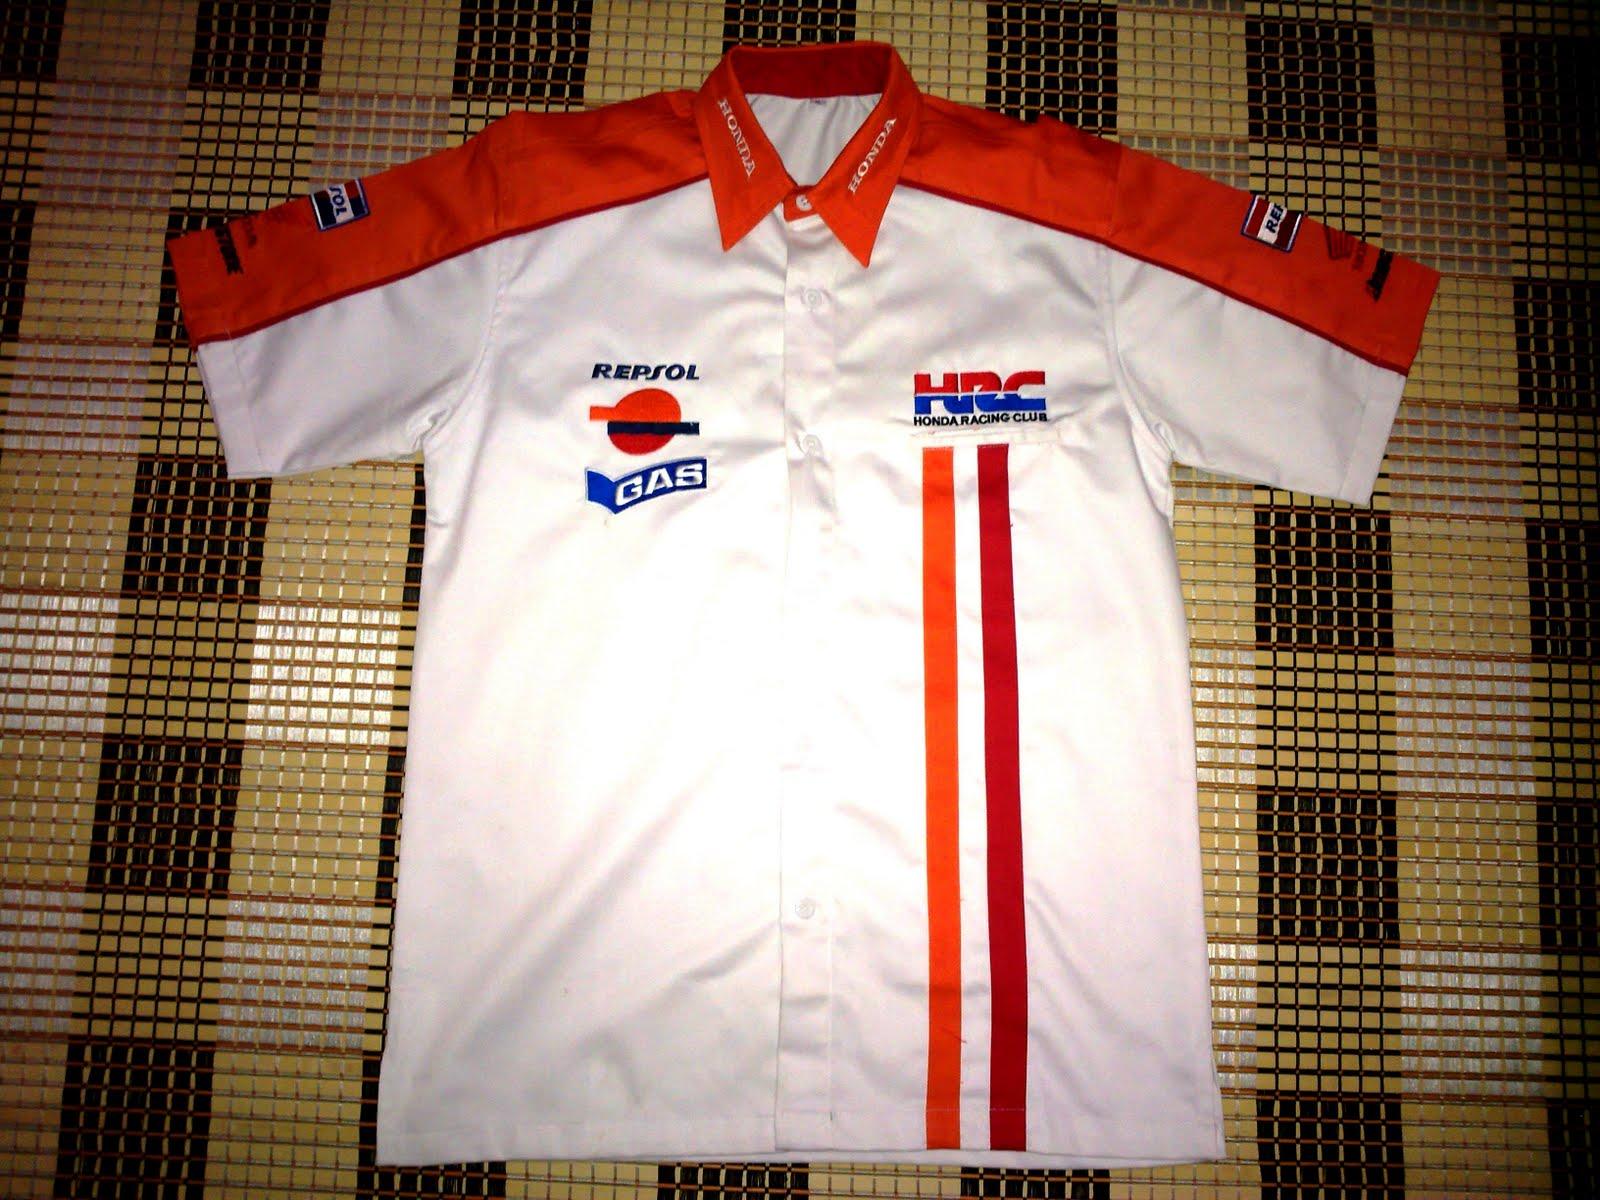 motogp clothing Photo